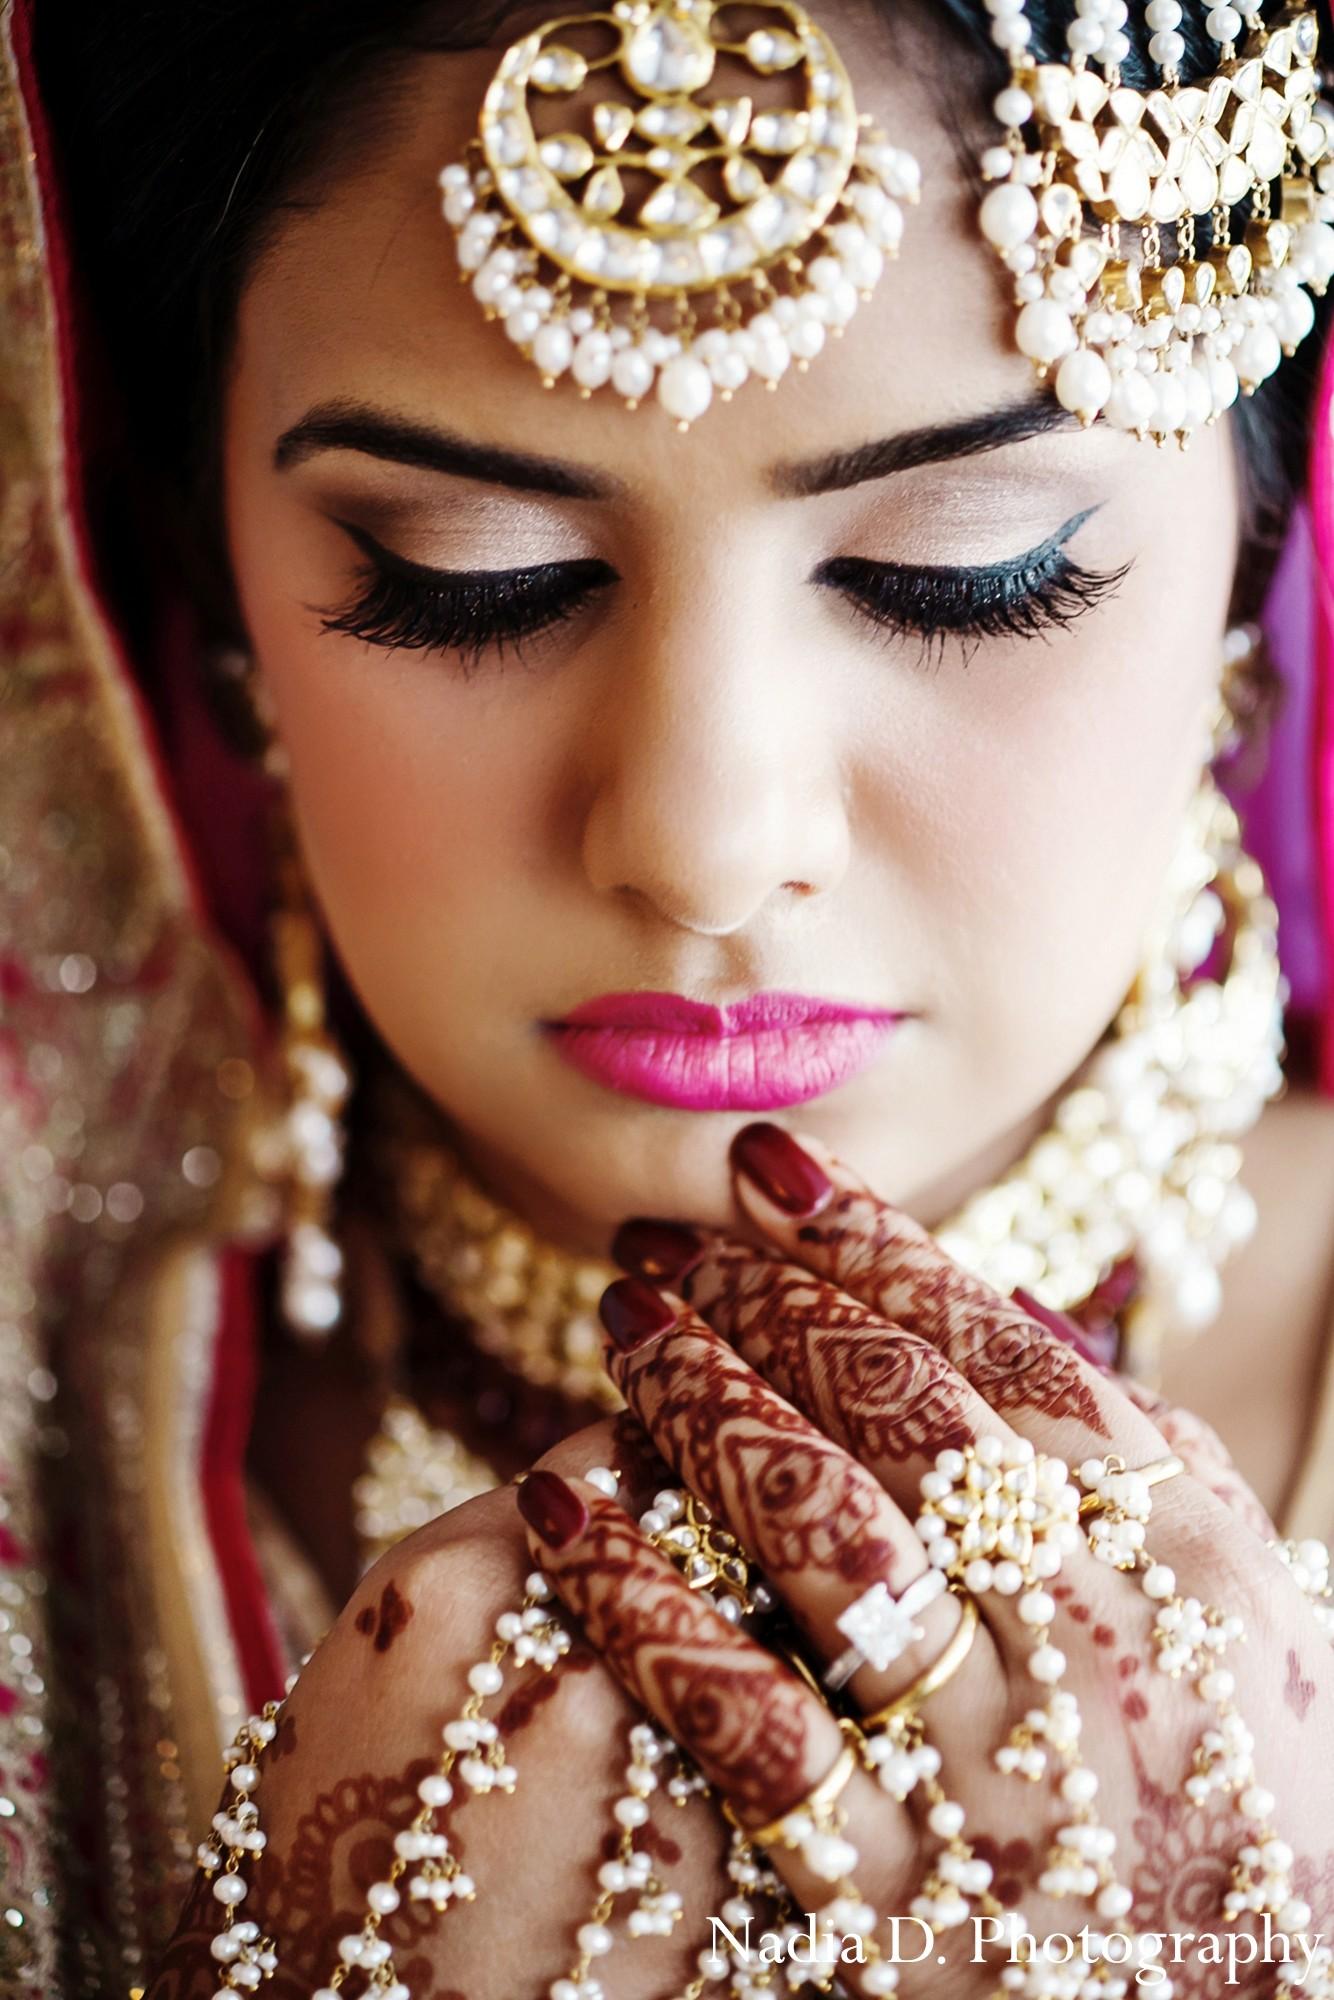 Sakhi Beauty Indian Wedding Hair Amp Makeup Artist In Nj